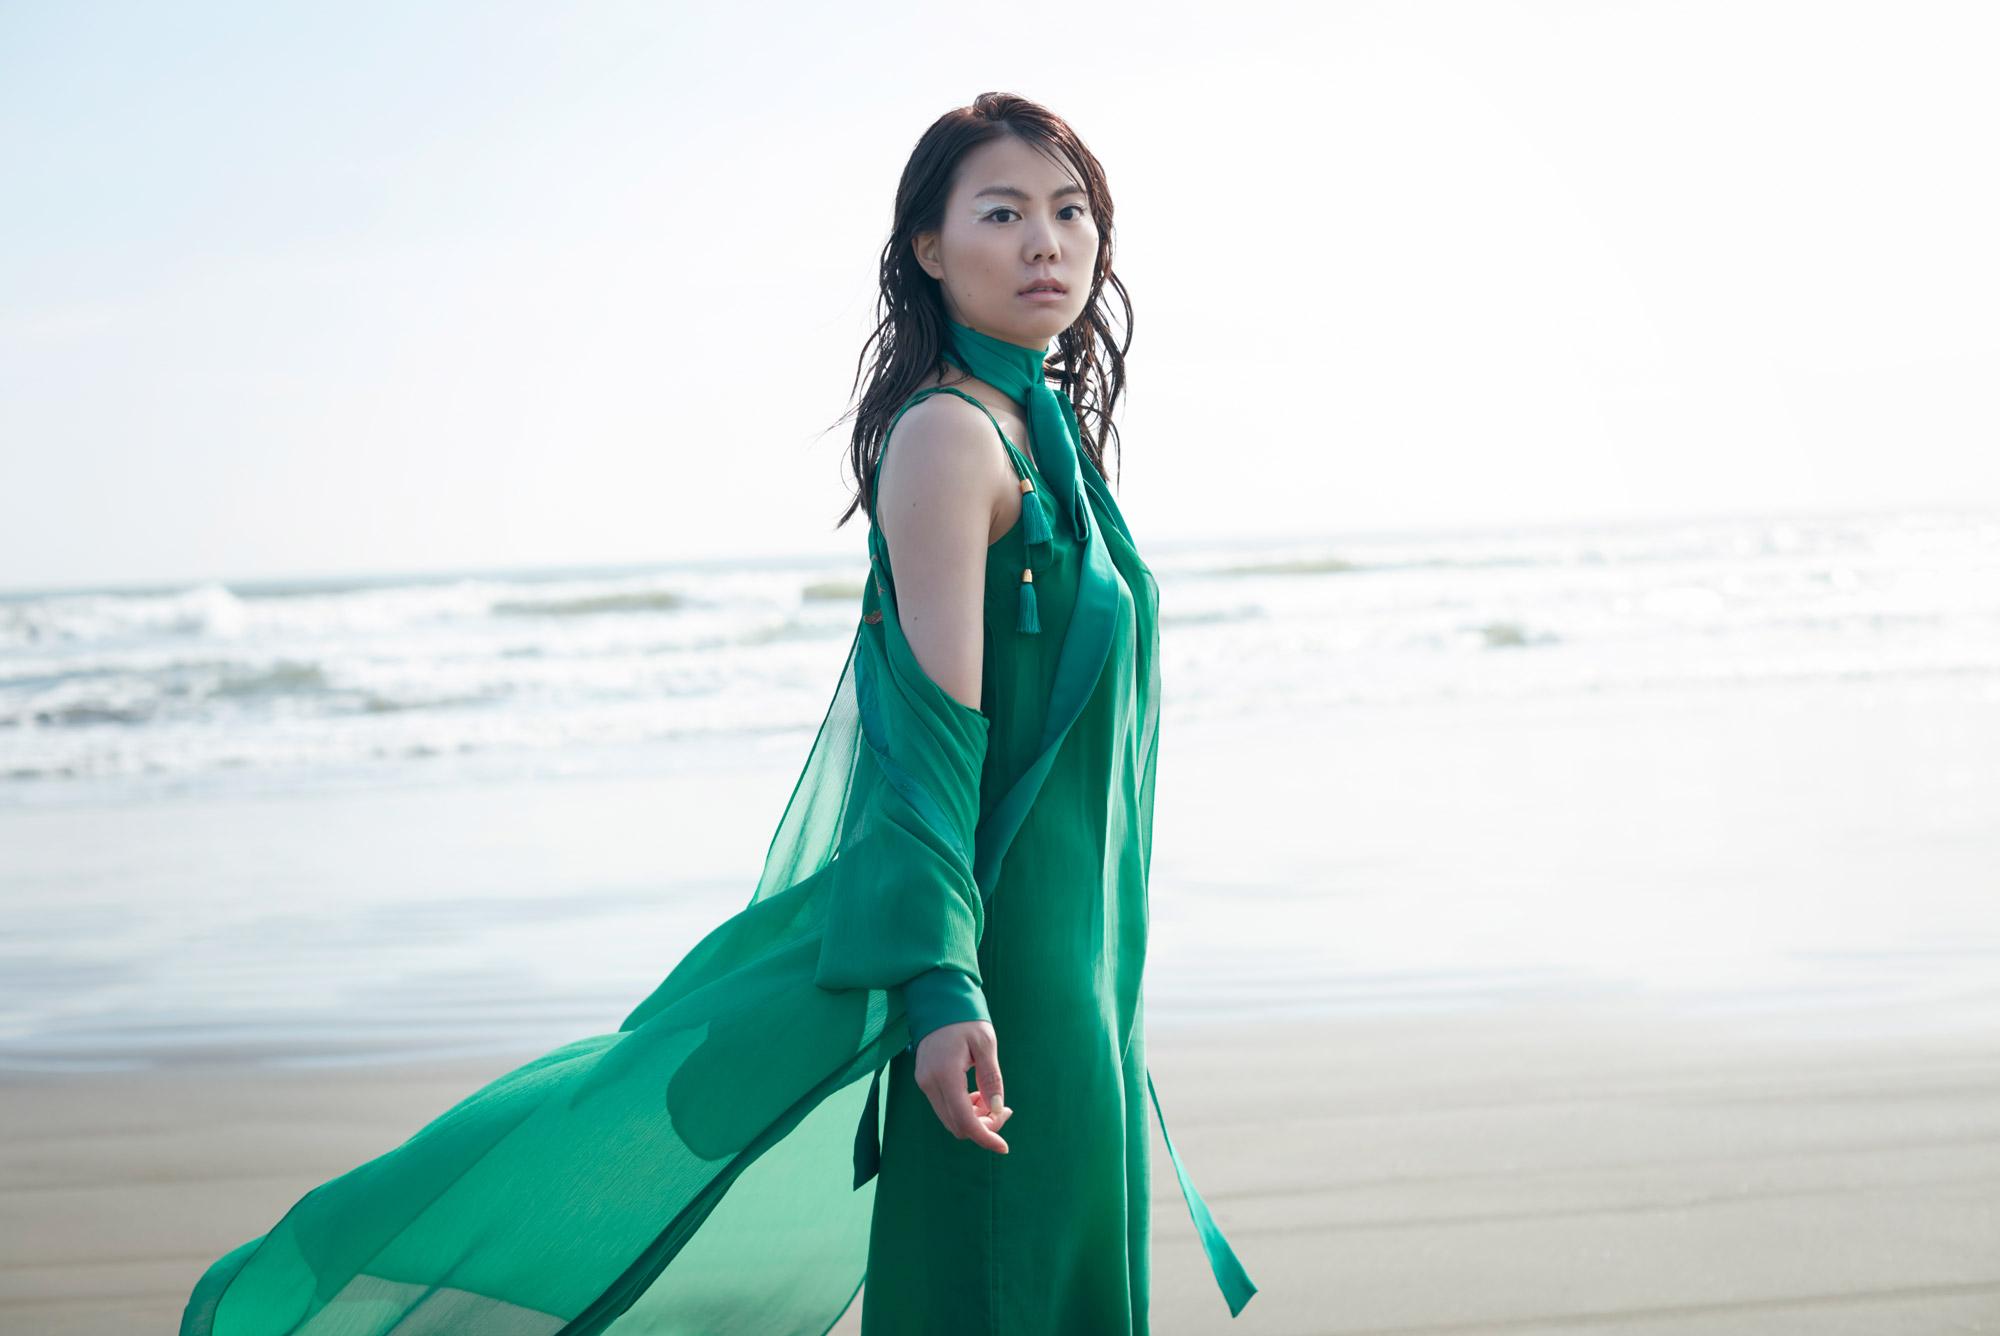 菅原紗由理からTHE SxPLAY、10年間の軌跡!初ベストアルバム「BEST OF 3650 DAYS」リリース決定